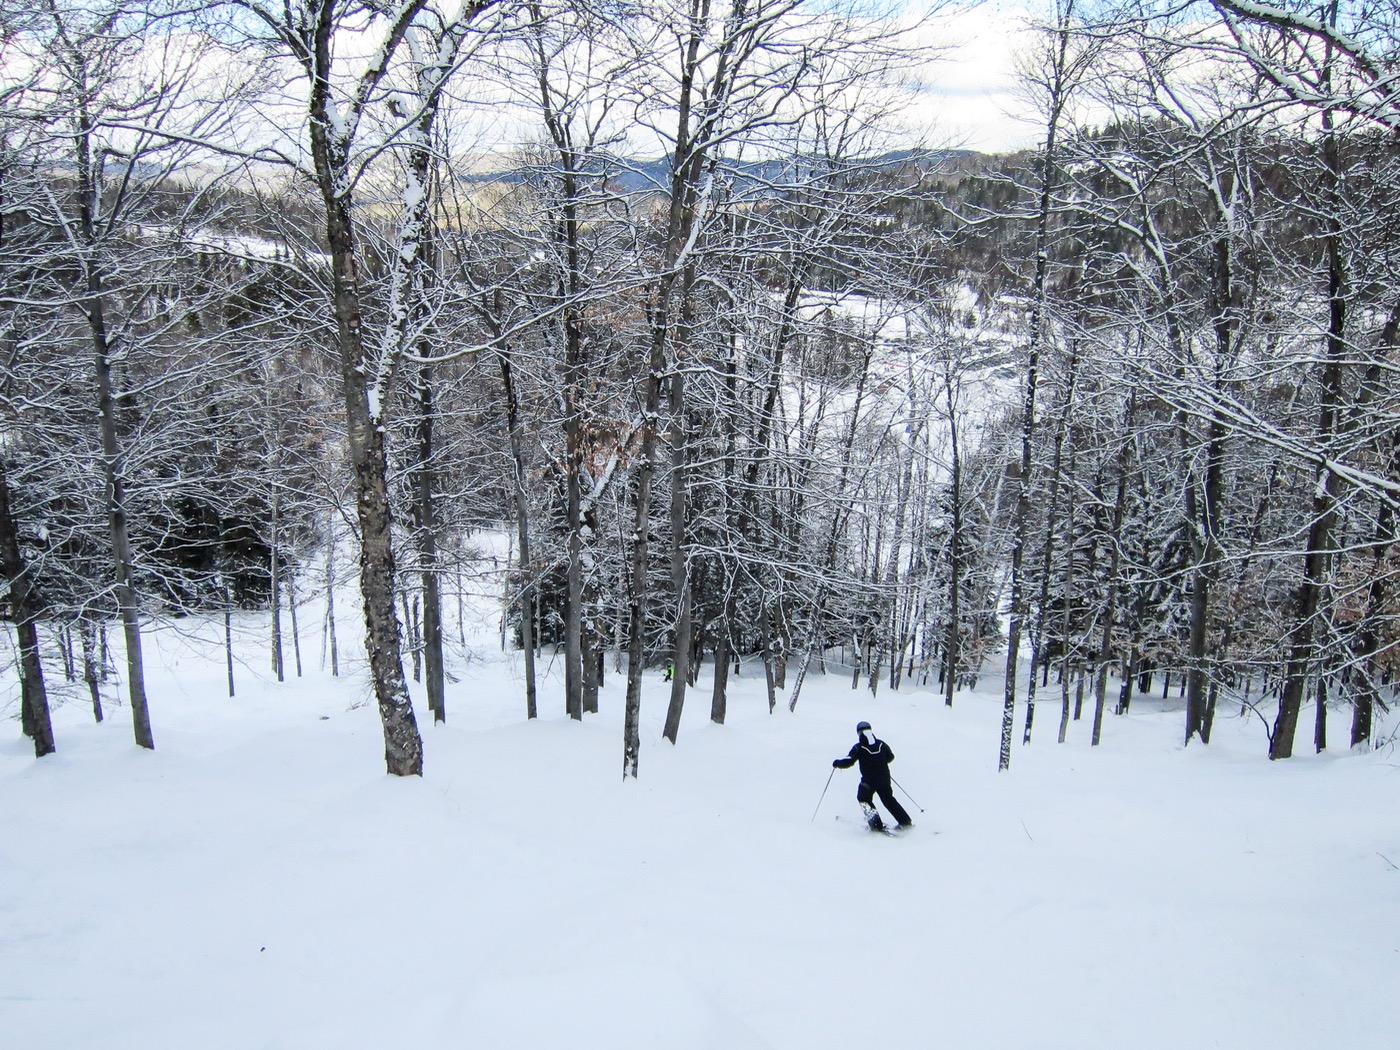 tree skiing at belle neige